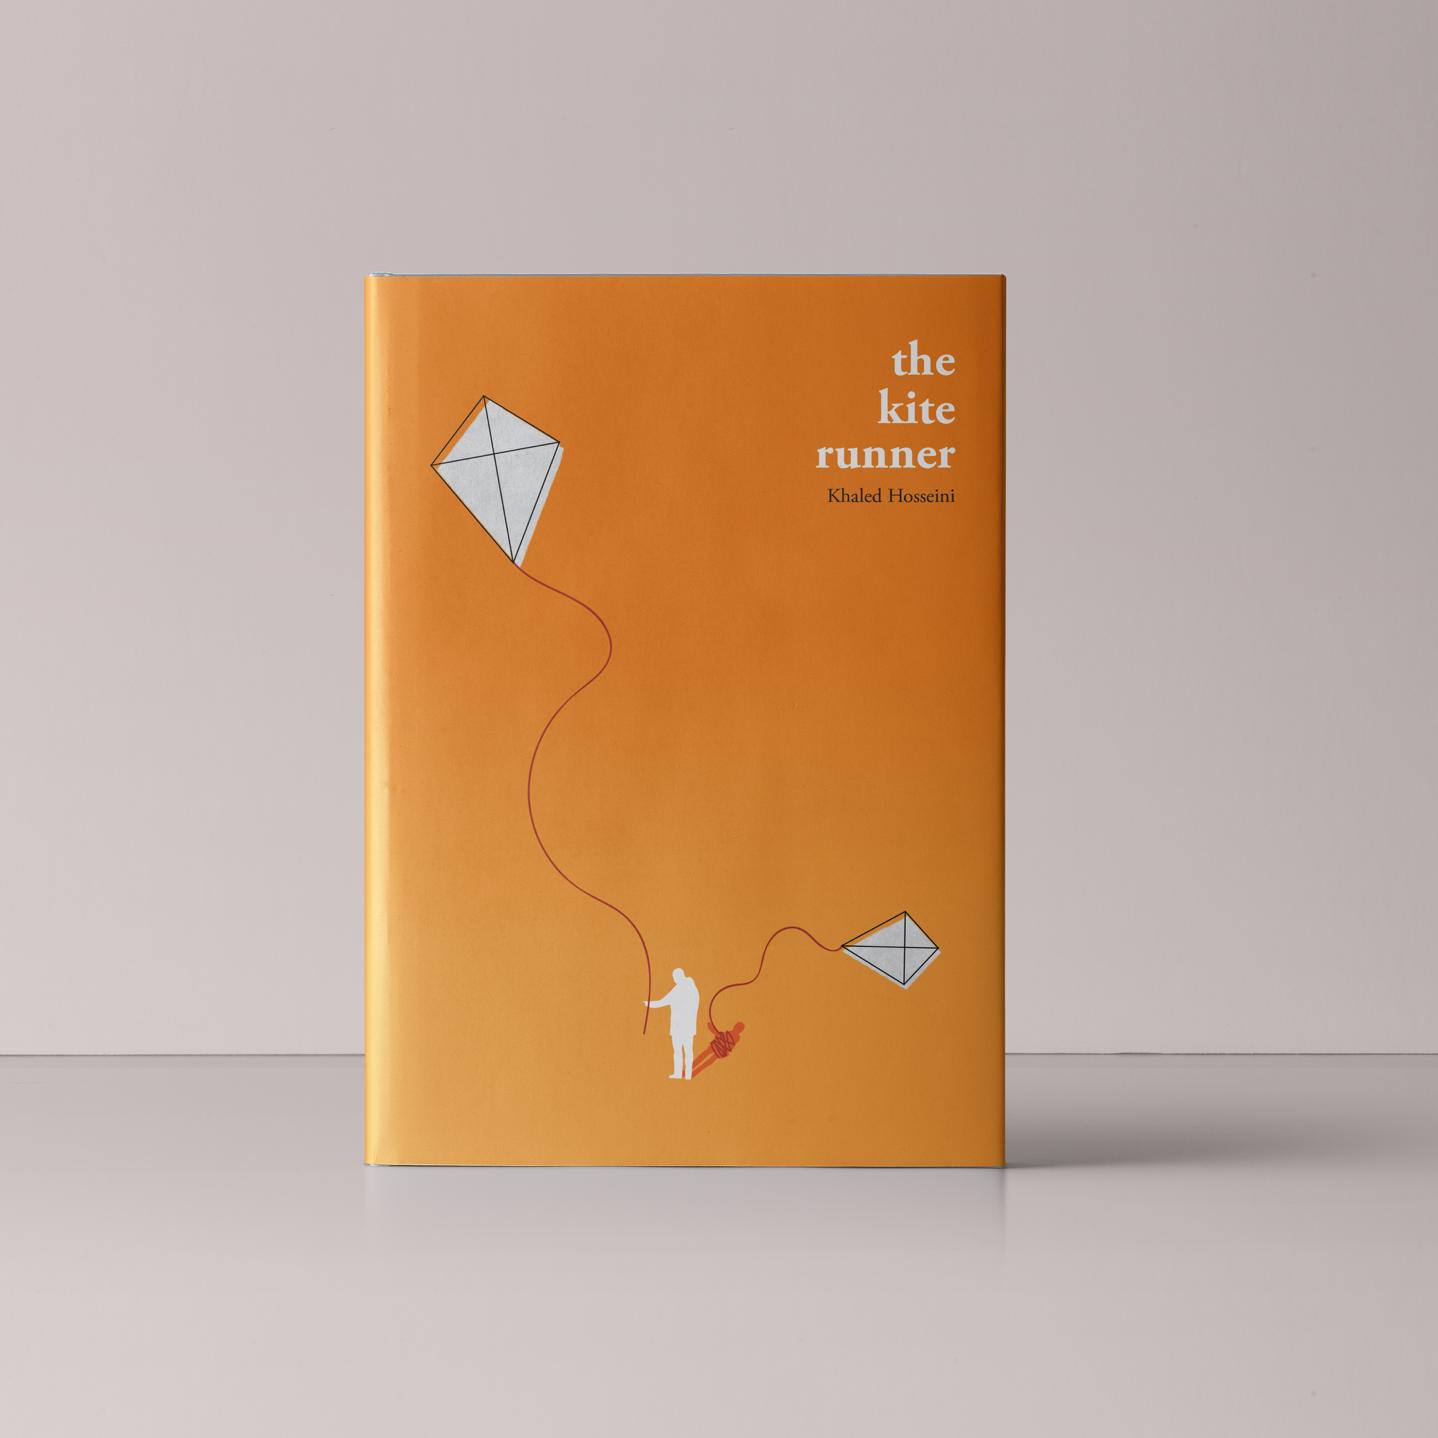 The Kite Runner  | Book Cover Design